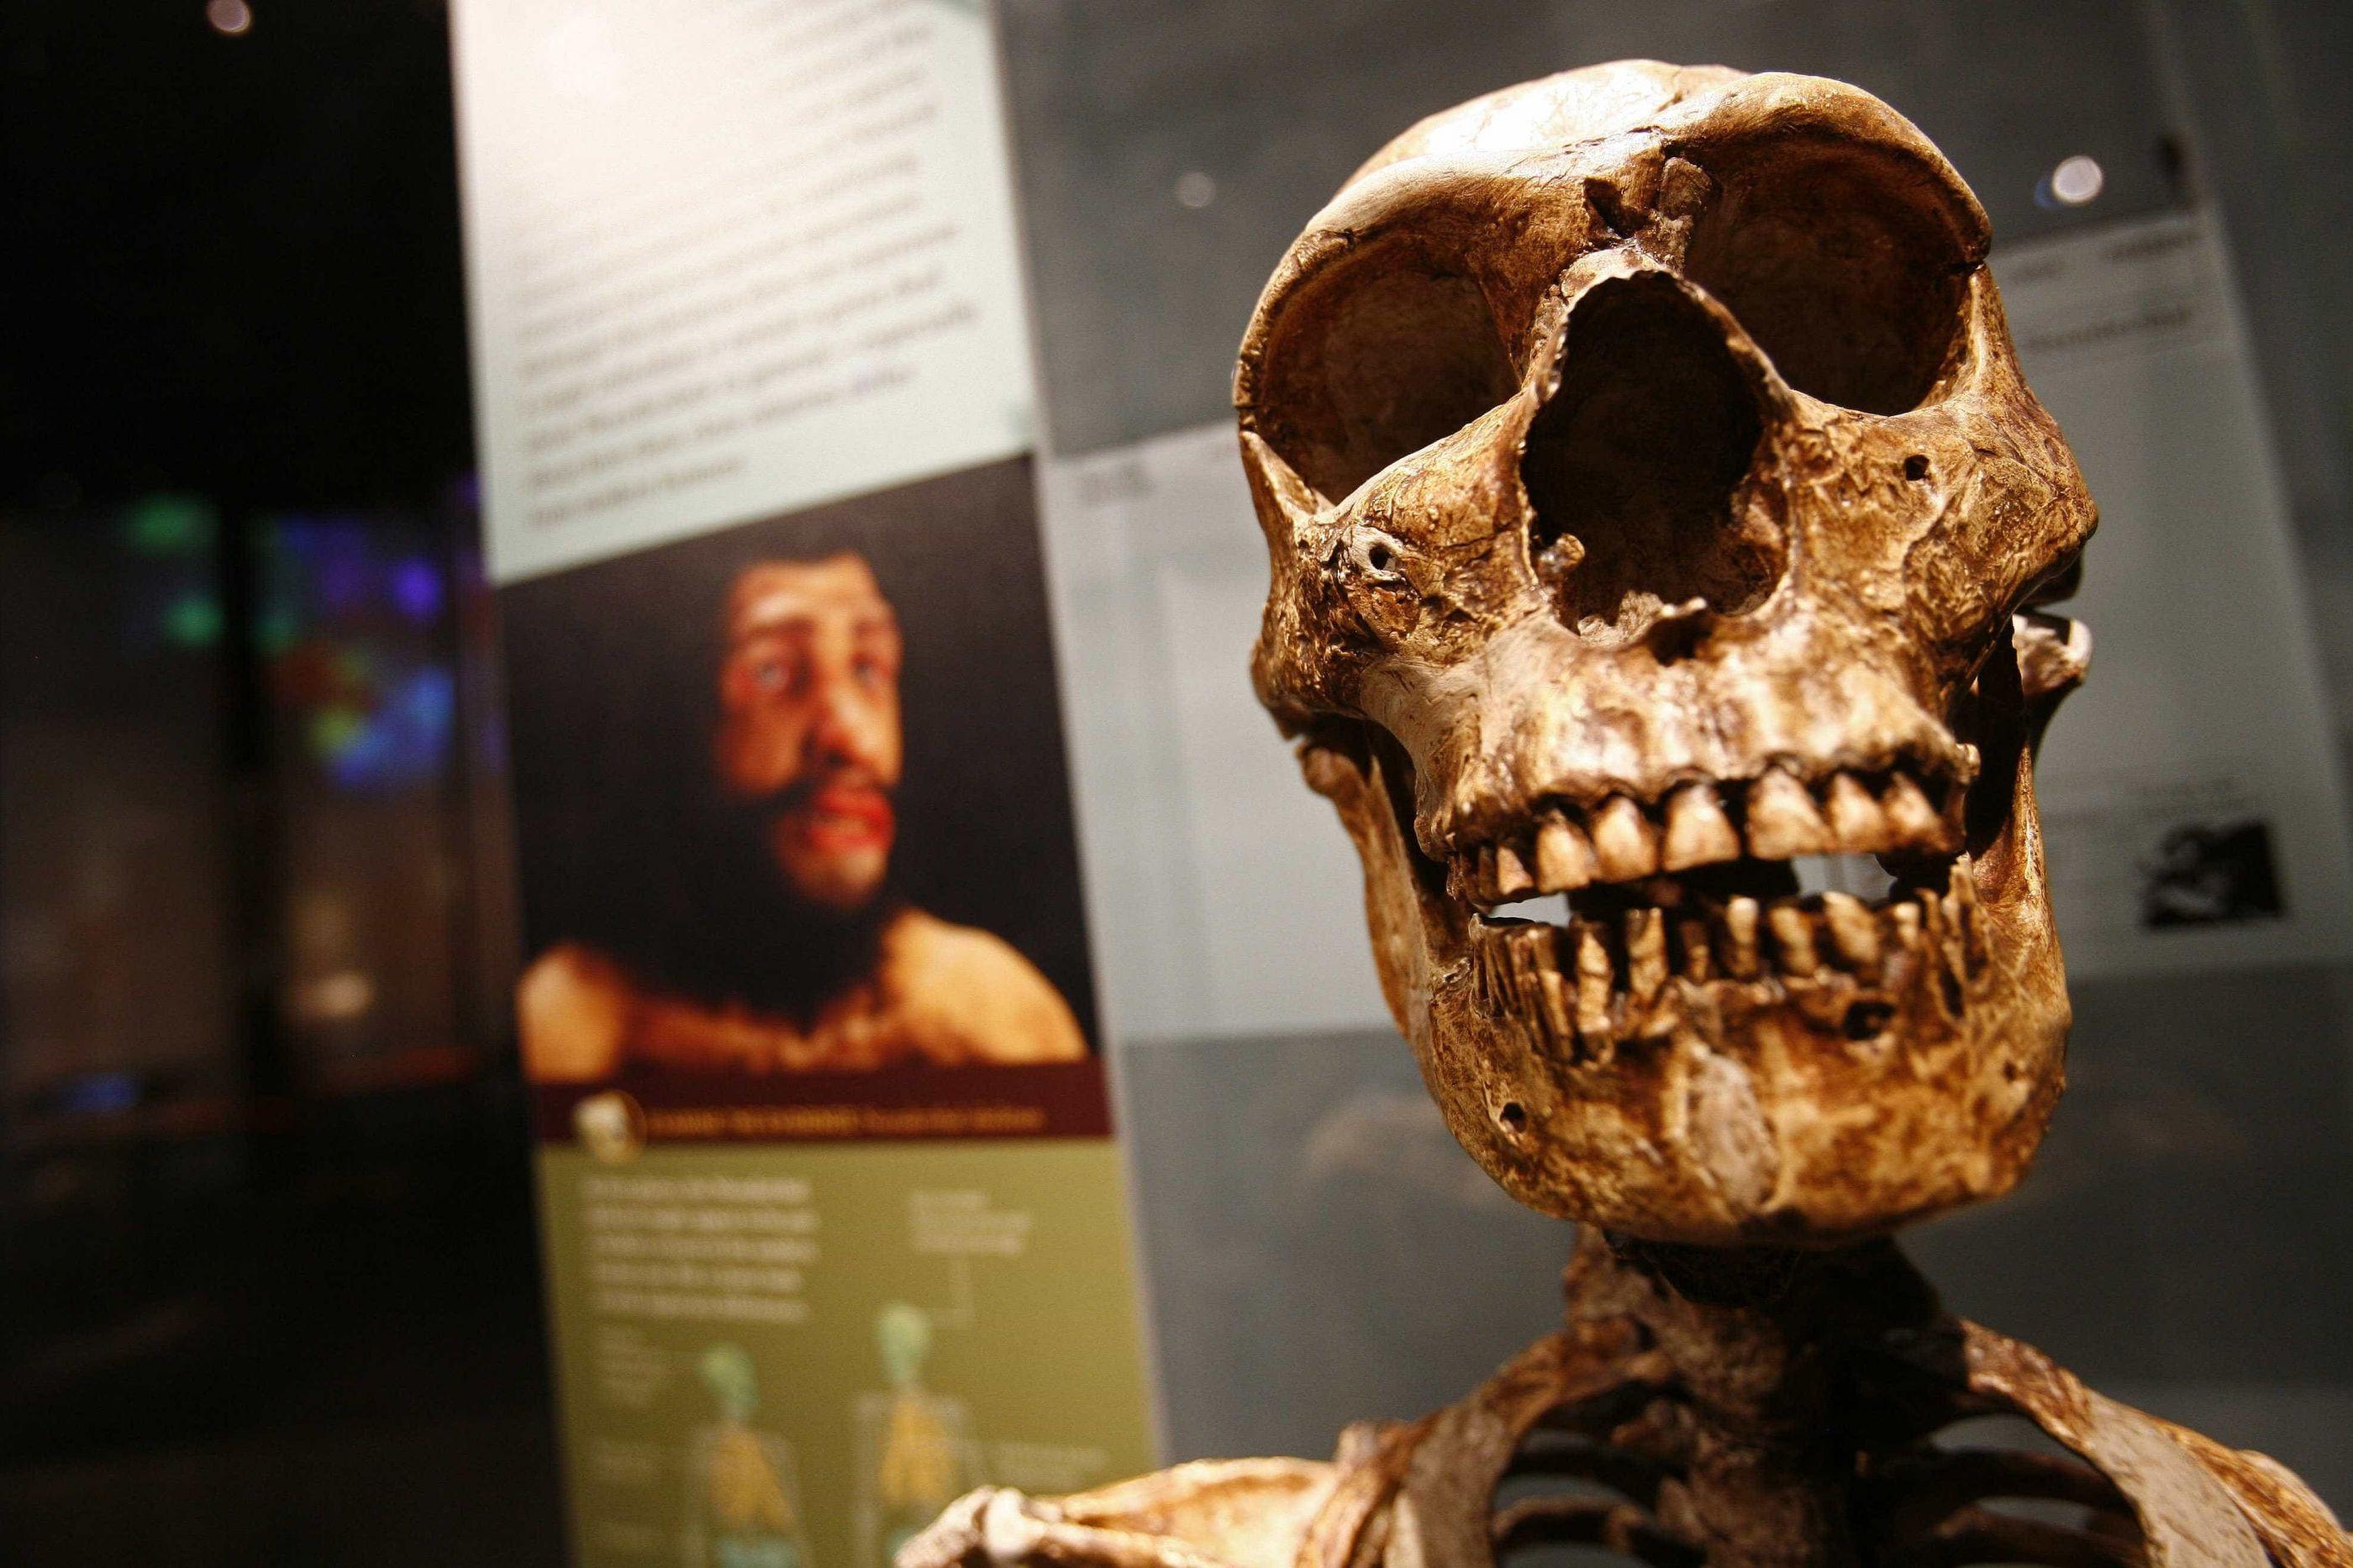 Crianças neandertais do sul da França foram expostas a chumbo tóxico